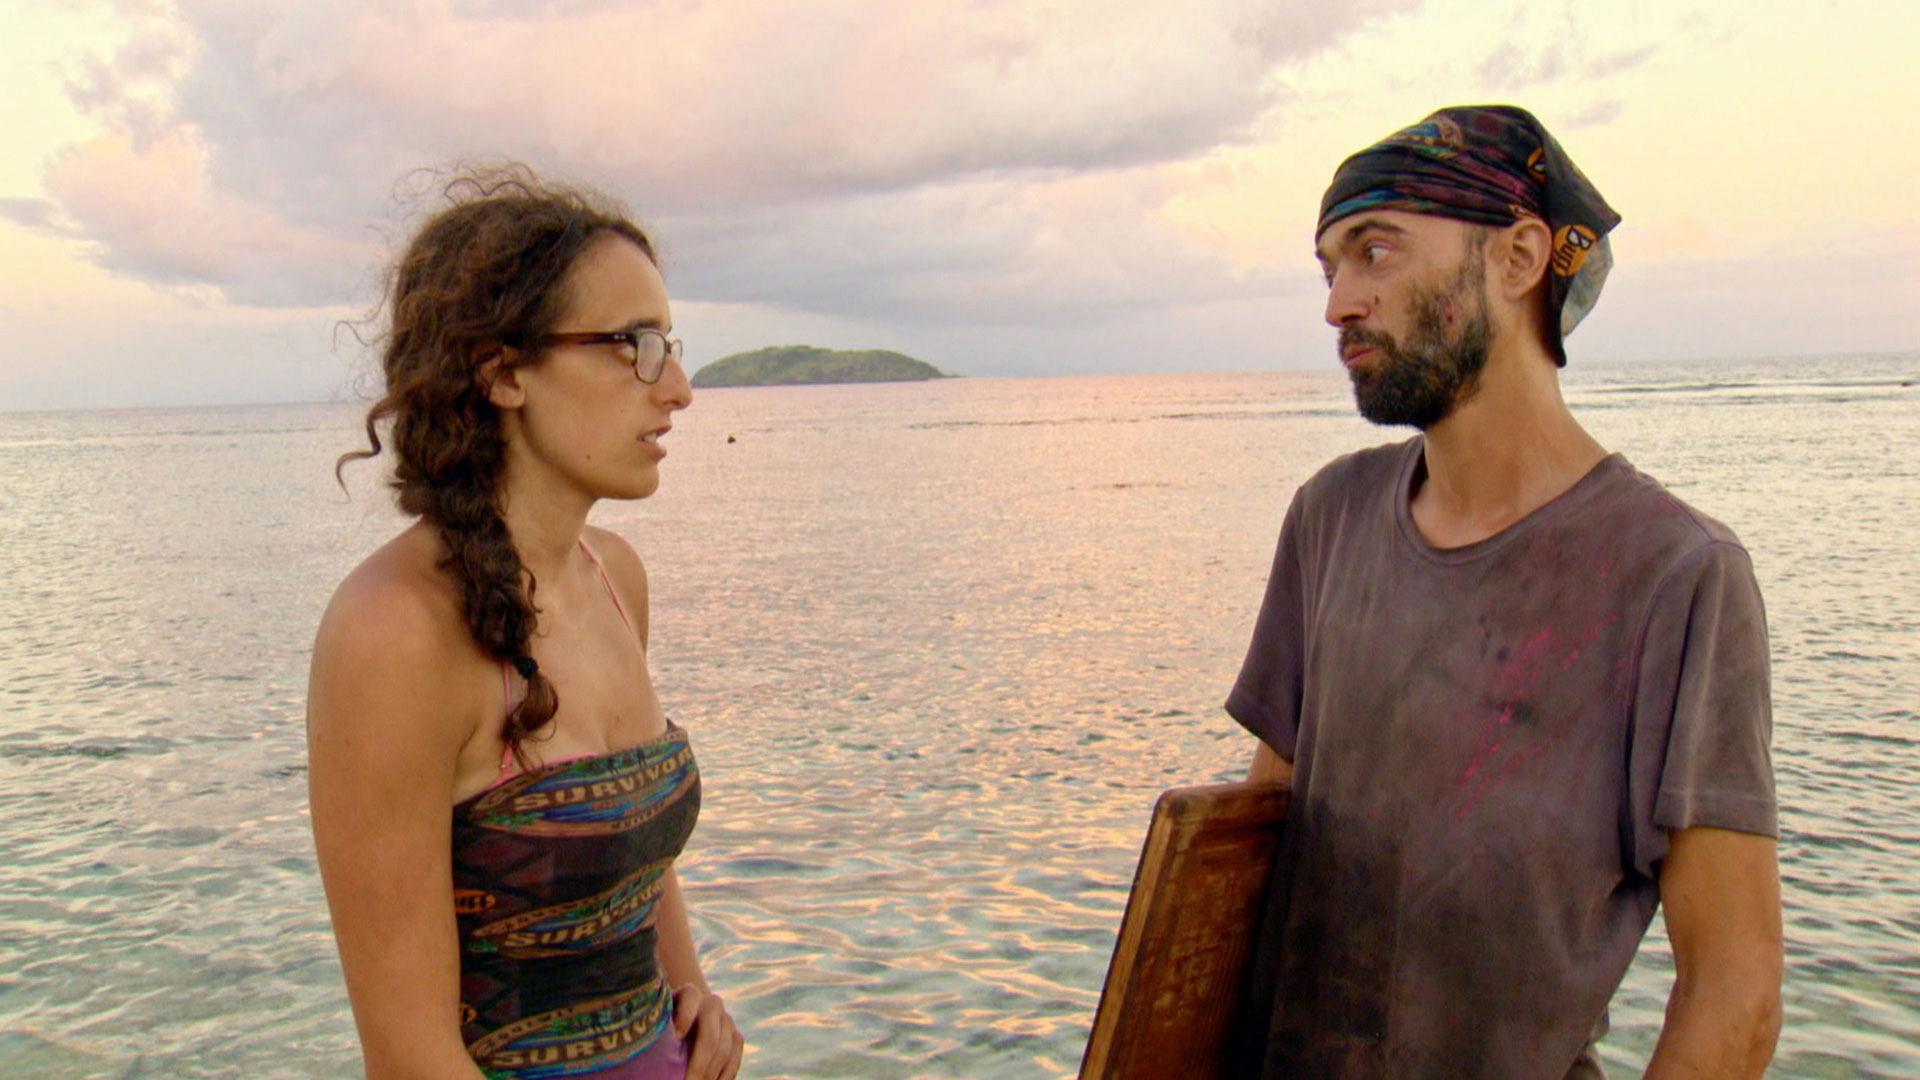 Hannah and David have a chat along the shore.